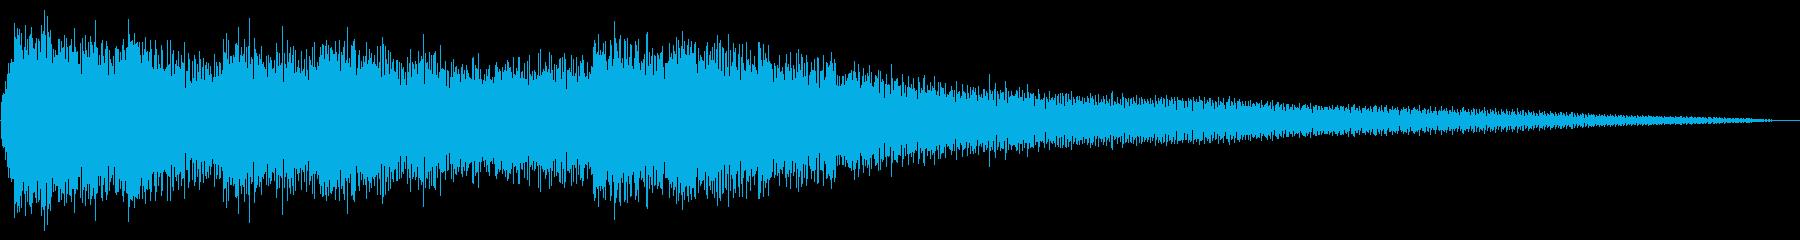 暗いハロウィンのジングルの再生済みの波形